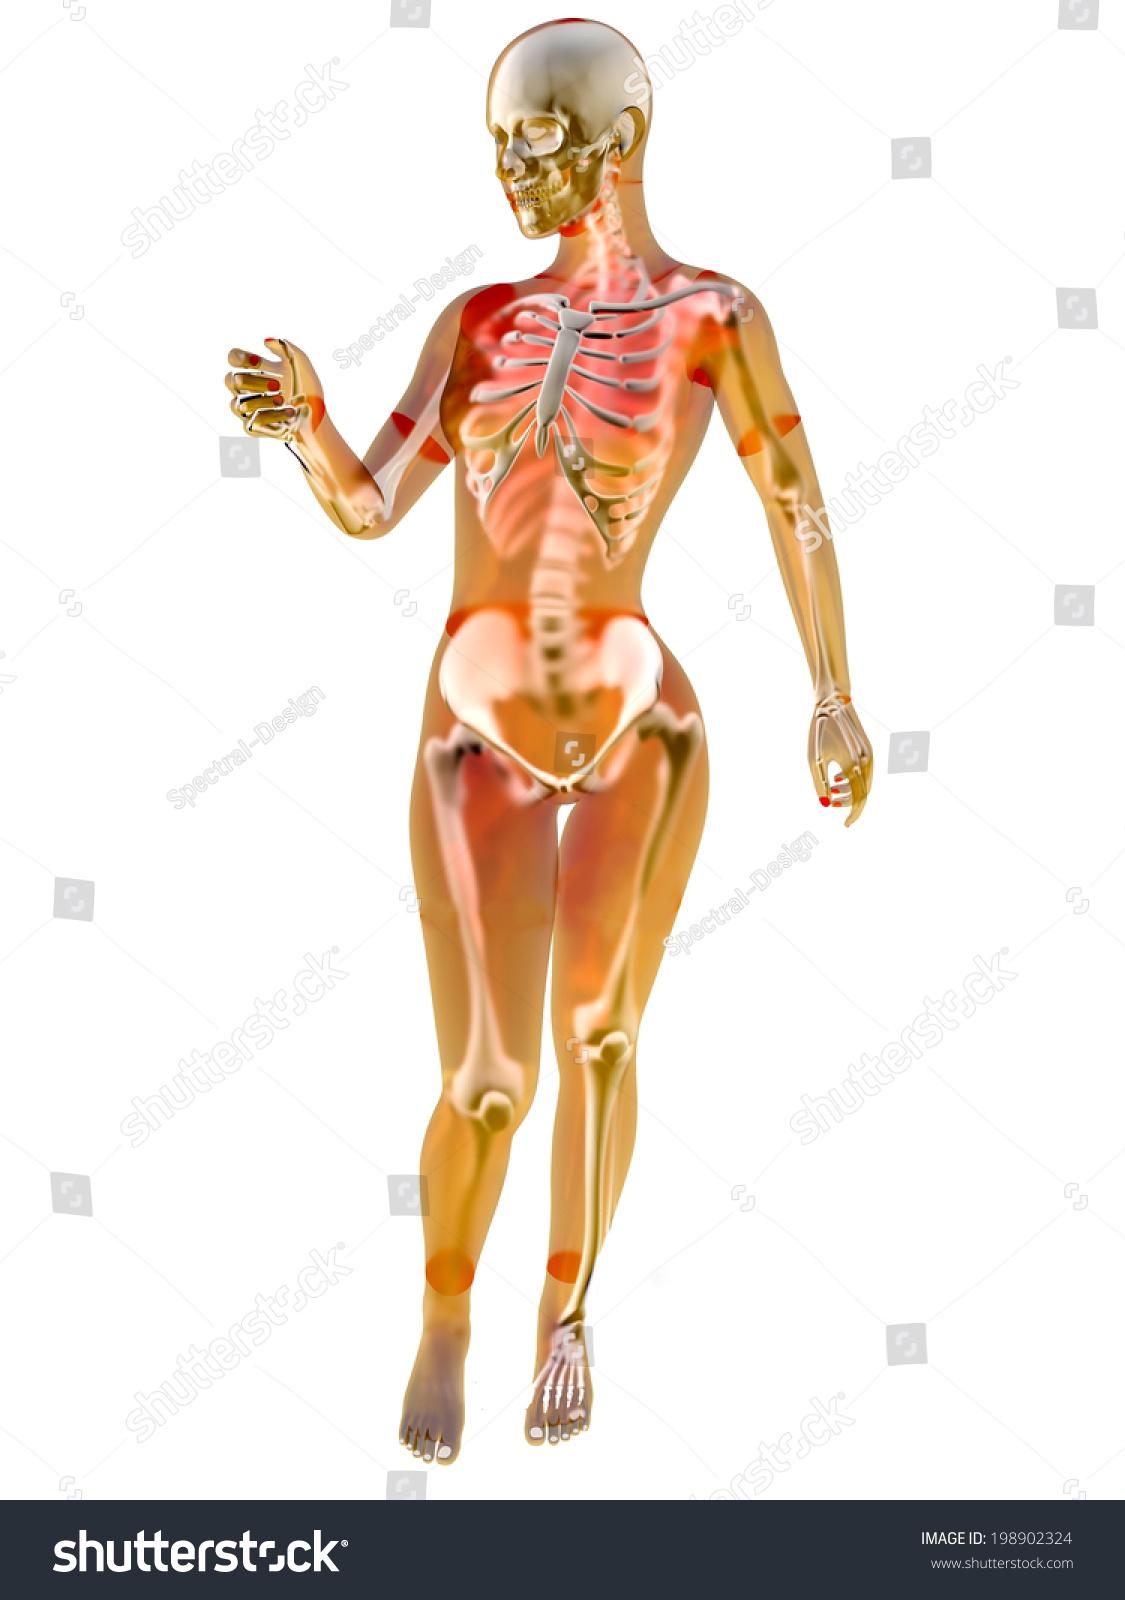 Female Anatomy Visualisation 3 D Illustration Isolated Stock ...